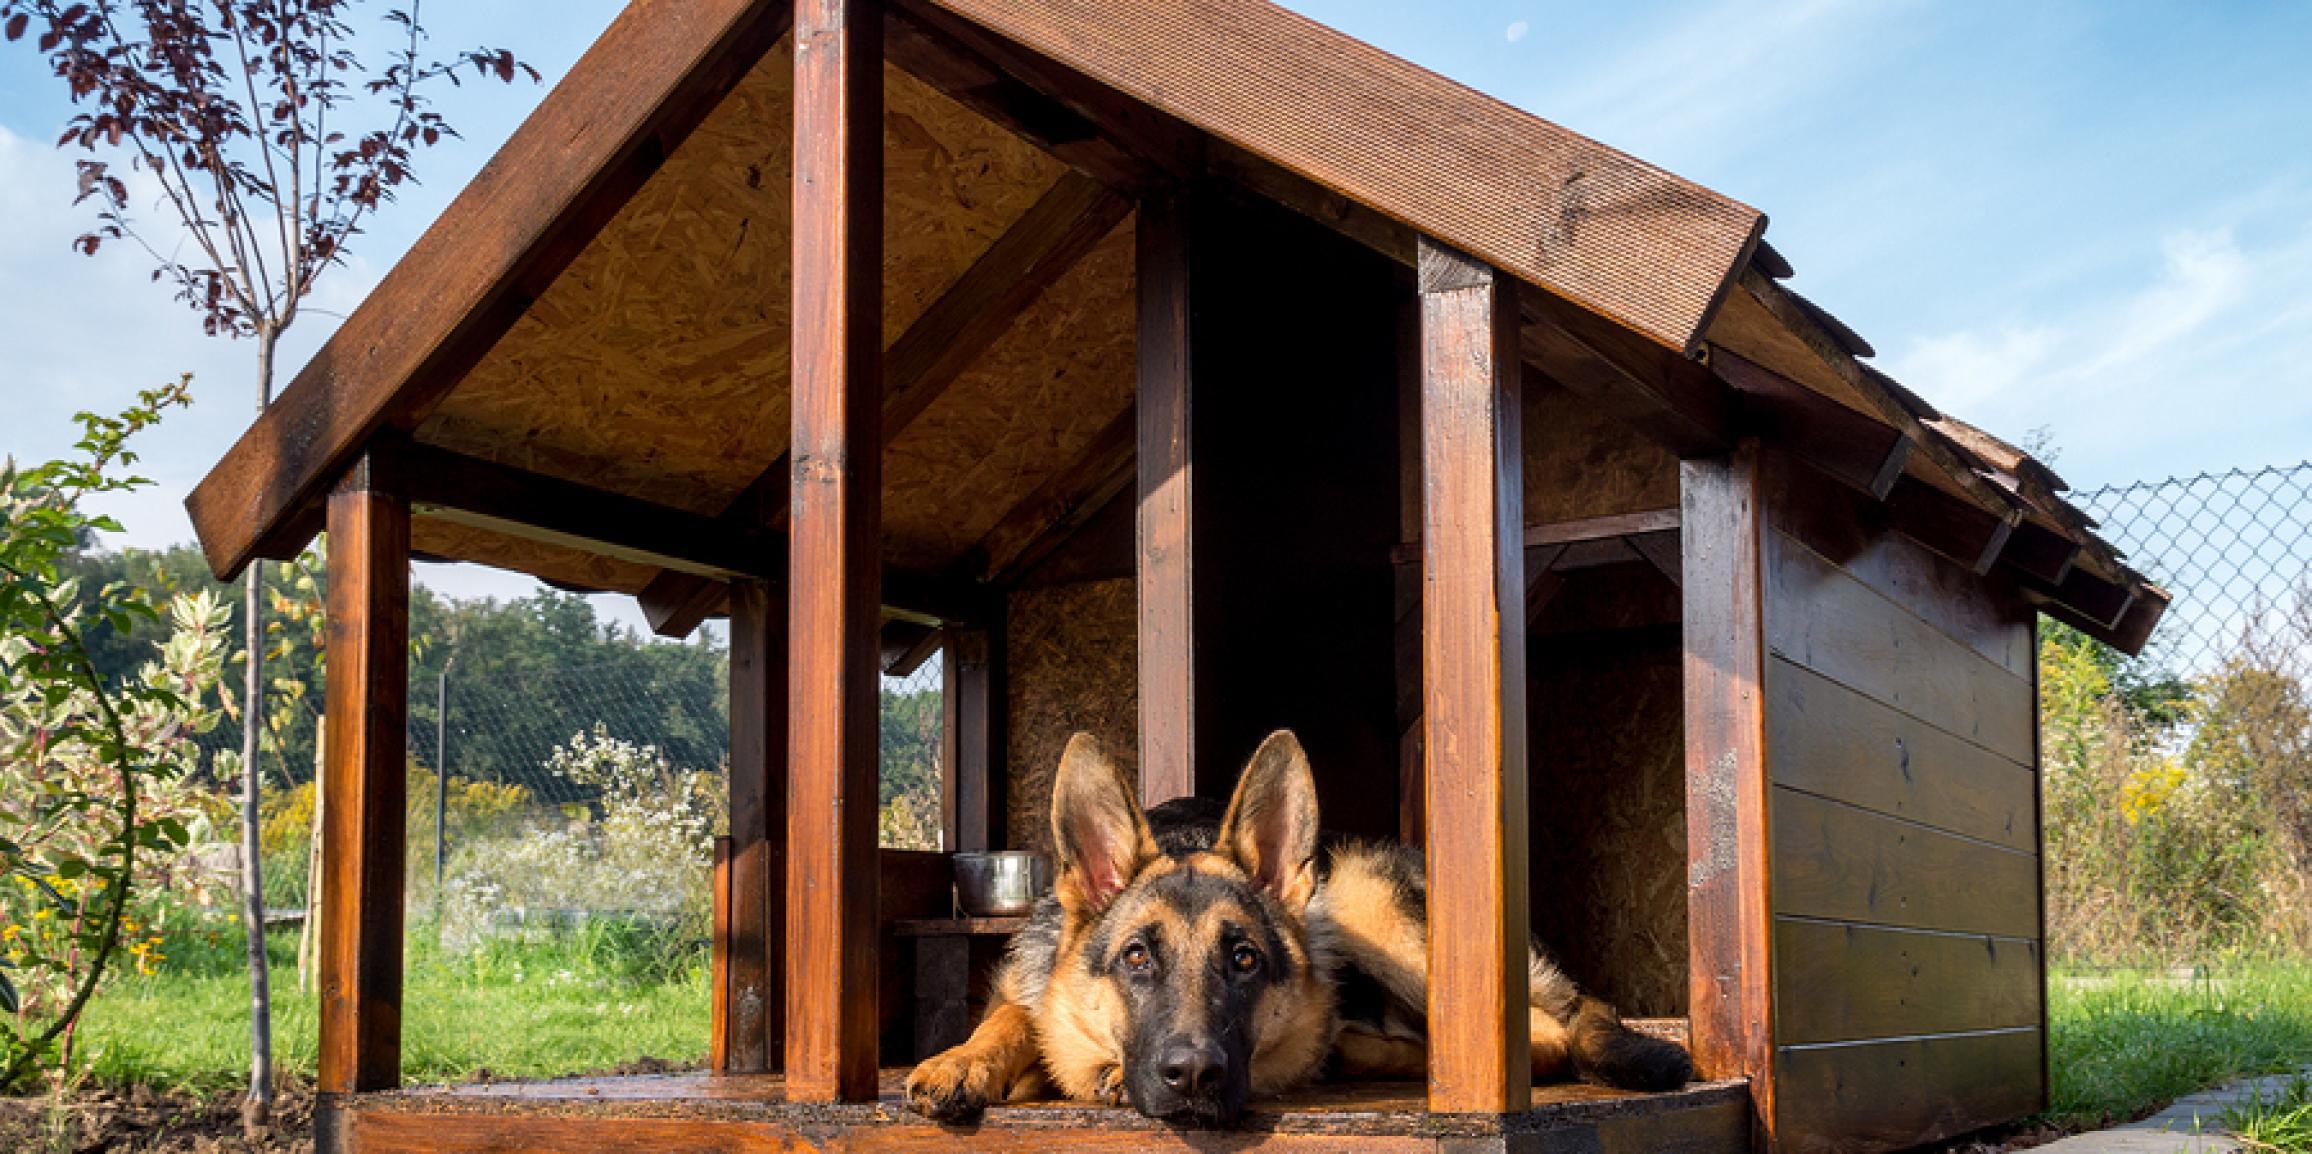 Extrem Hundehütte Bausatz - Schicke Hütten für den Hund bauen - Antibell GE49